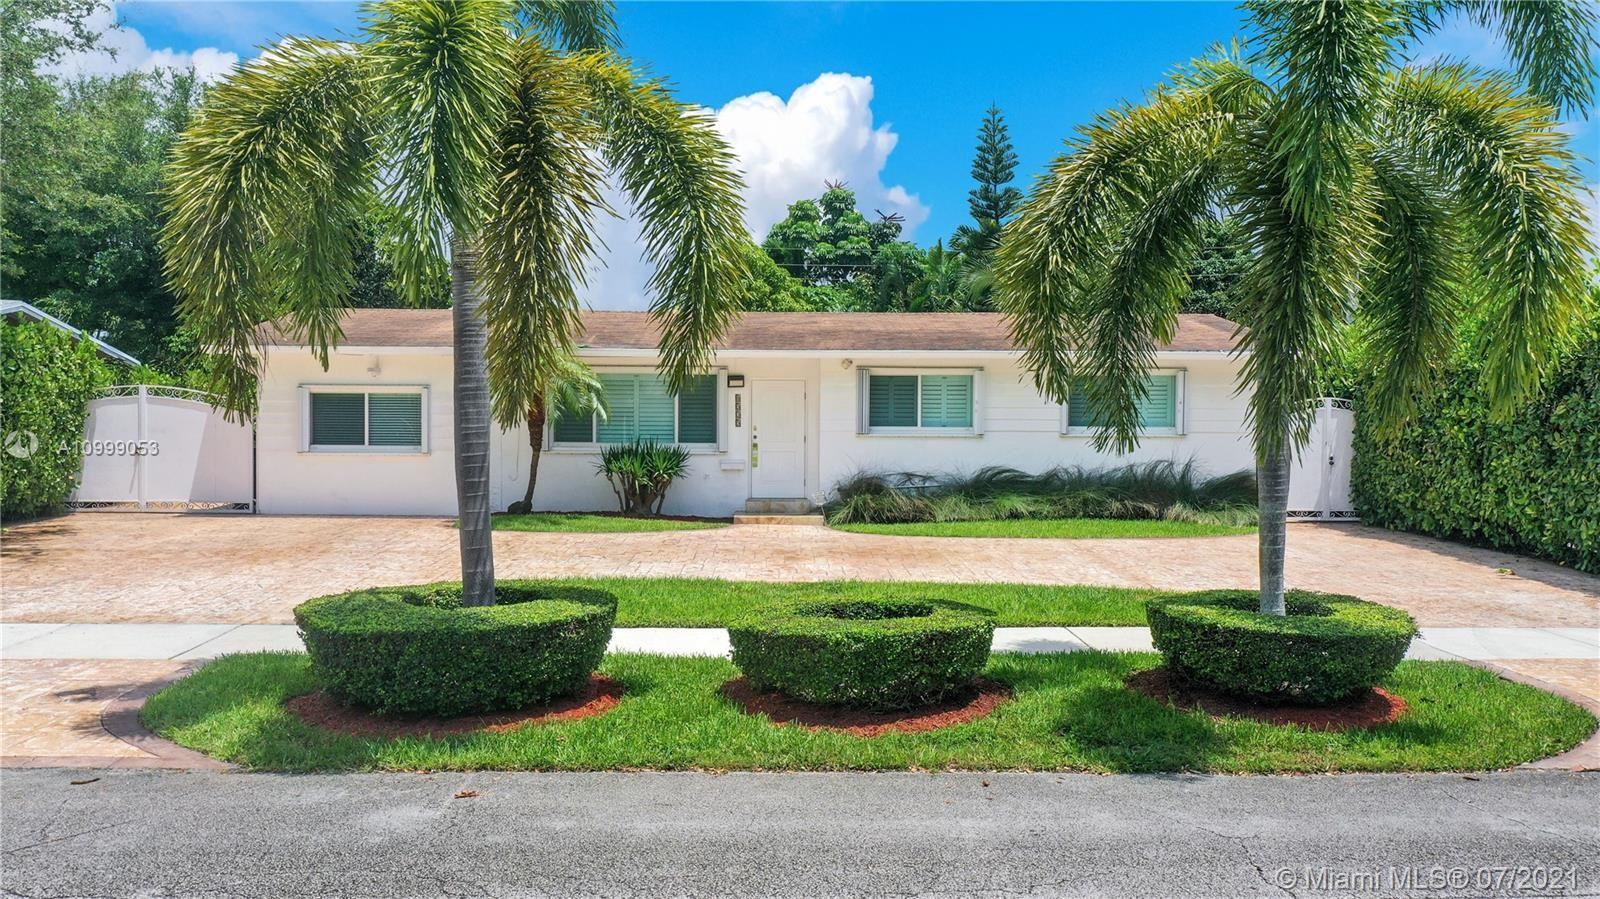 8525 SW 125th St, Miami, FL 33156 - #: A10999053